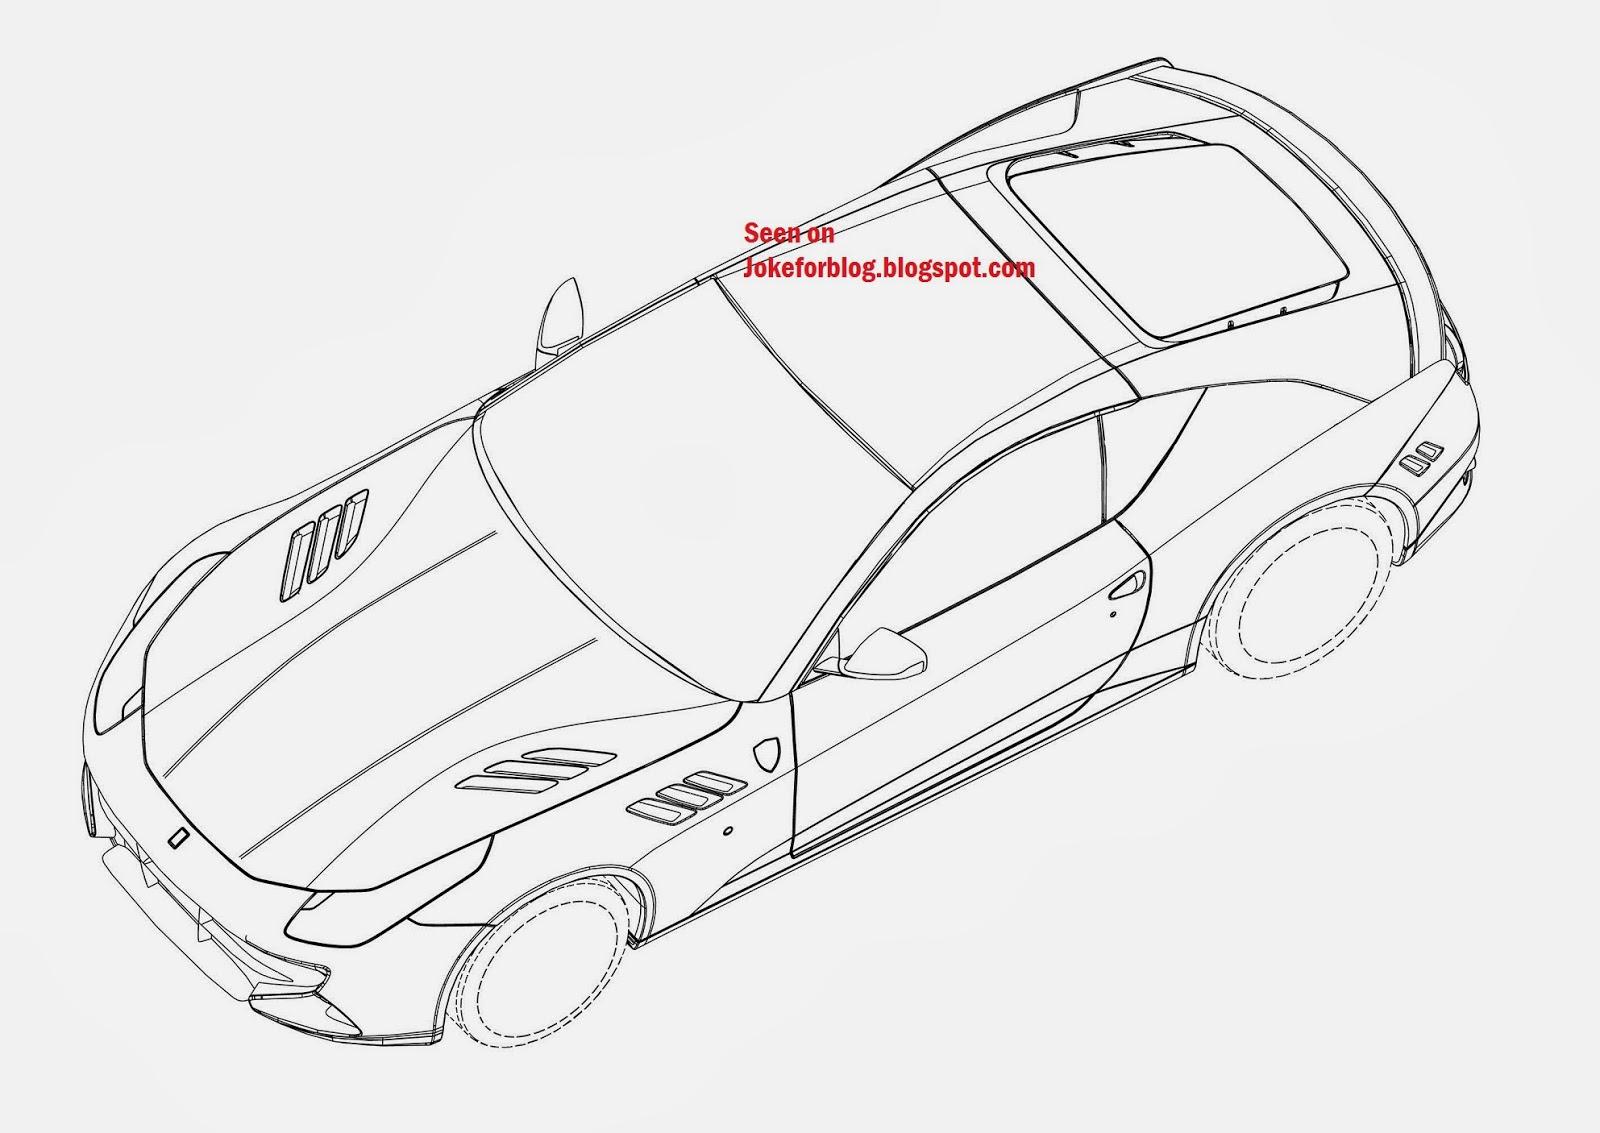 [Ferrari] Modèles uniques / One Off - MàJ : F12 TRS 002320739_0002_1_source